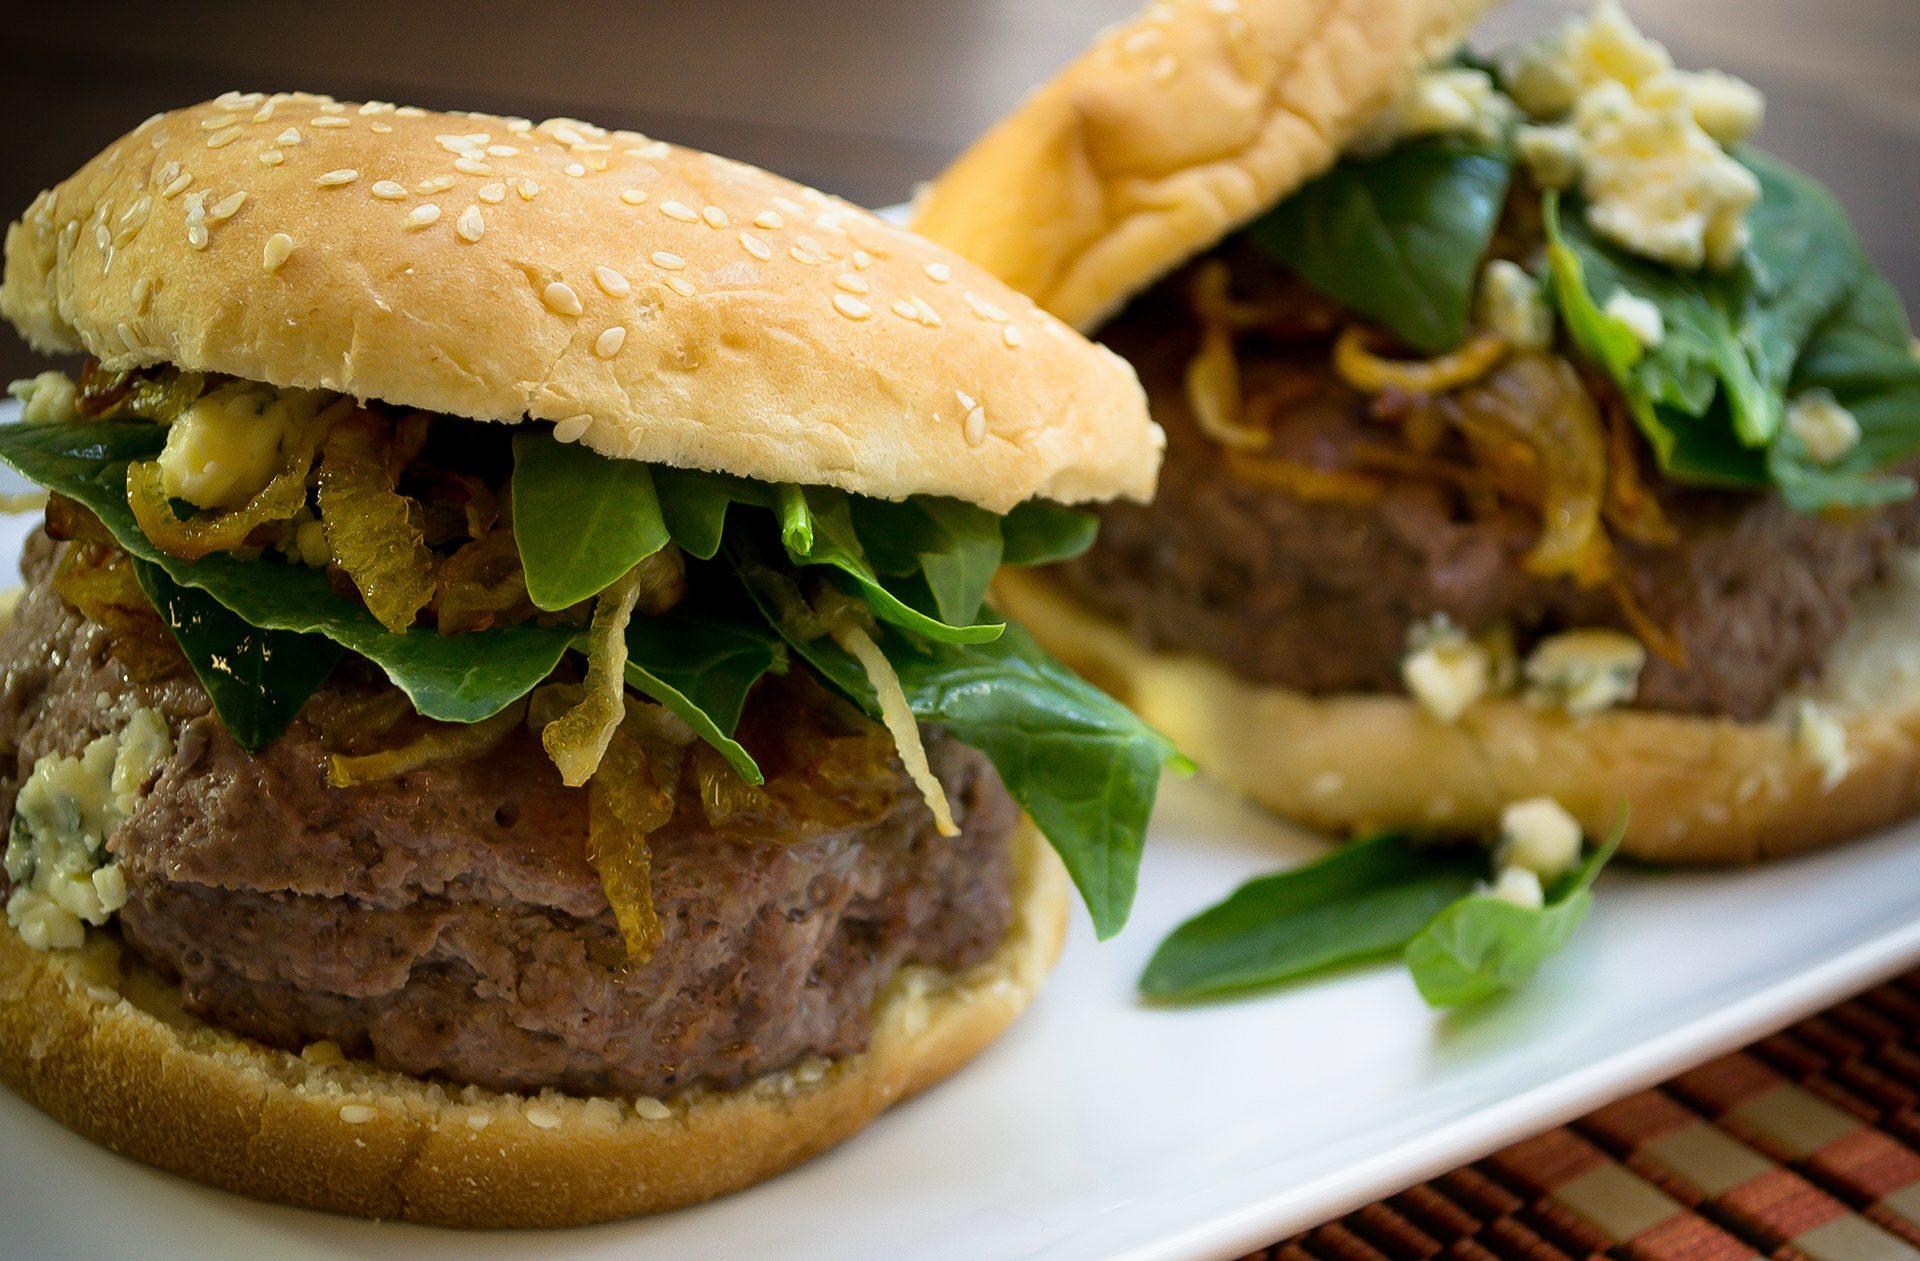 Consejos para disfrutar de las mejores hamburguesas en casa